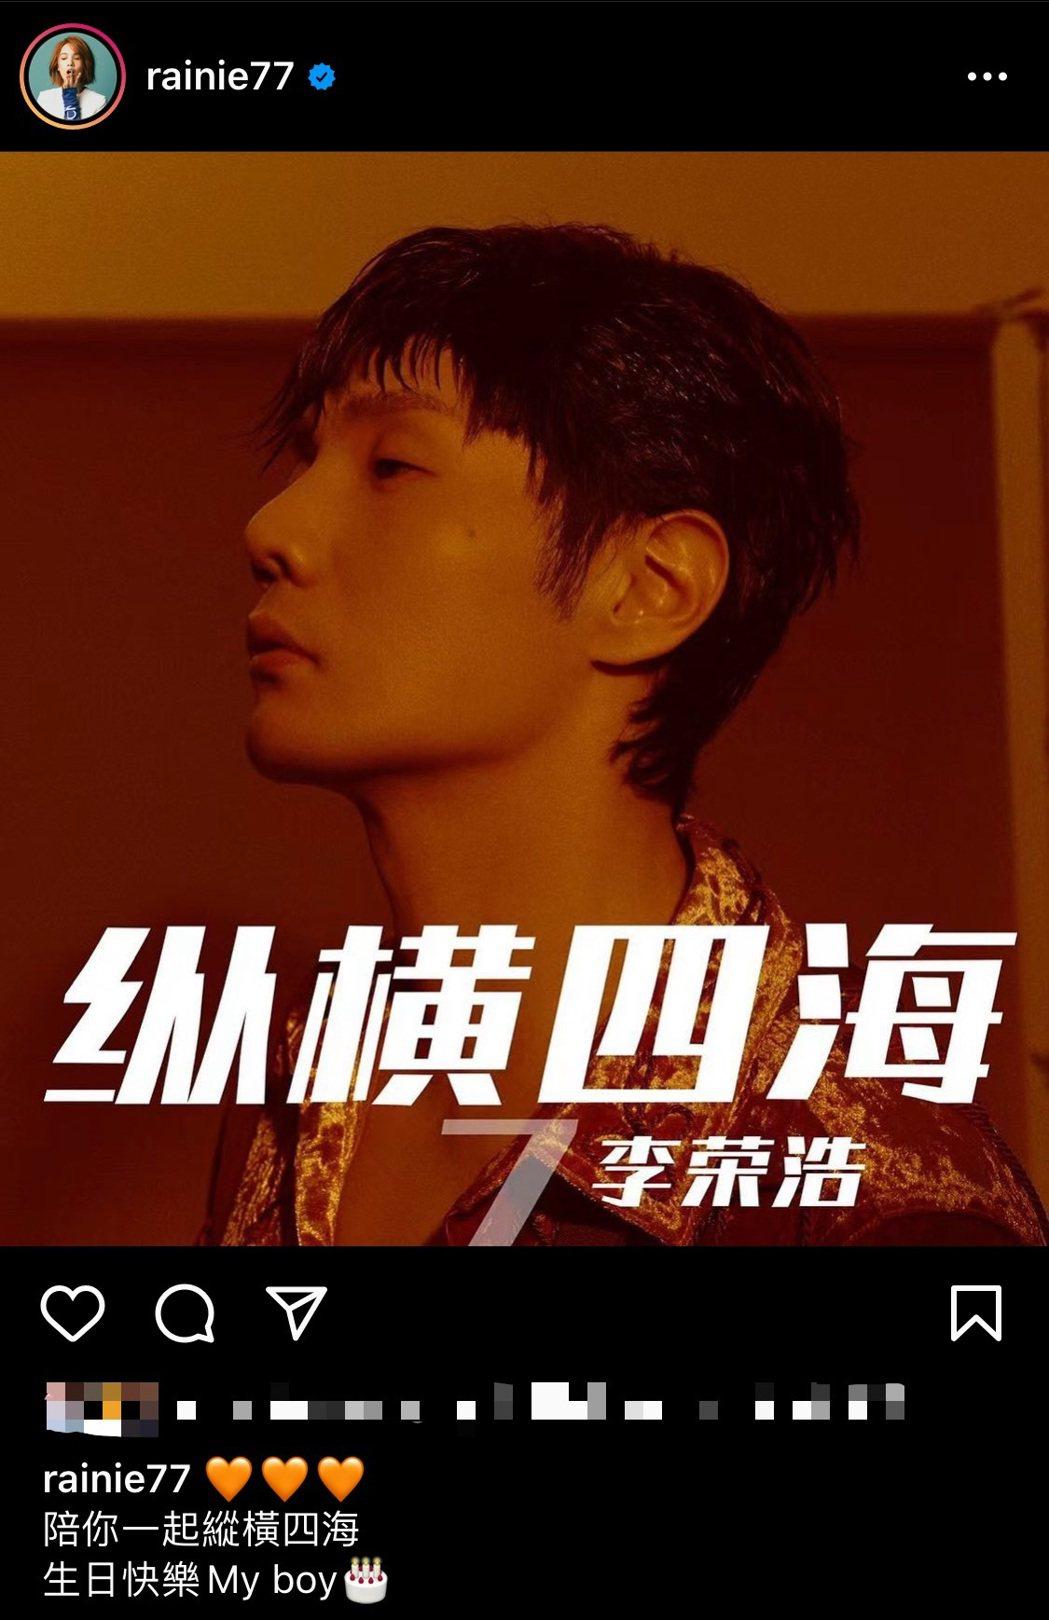 楊丞琳發文祝賀老公李榮浩生日快樂。圖/摘自IG